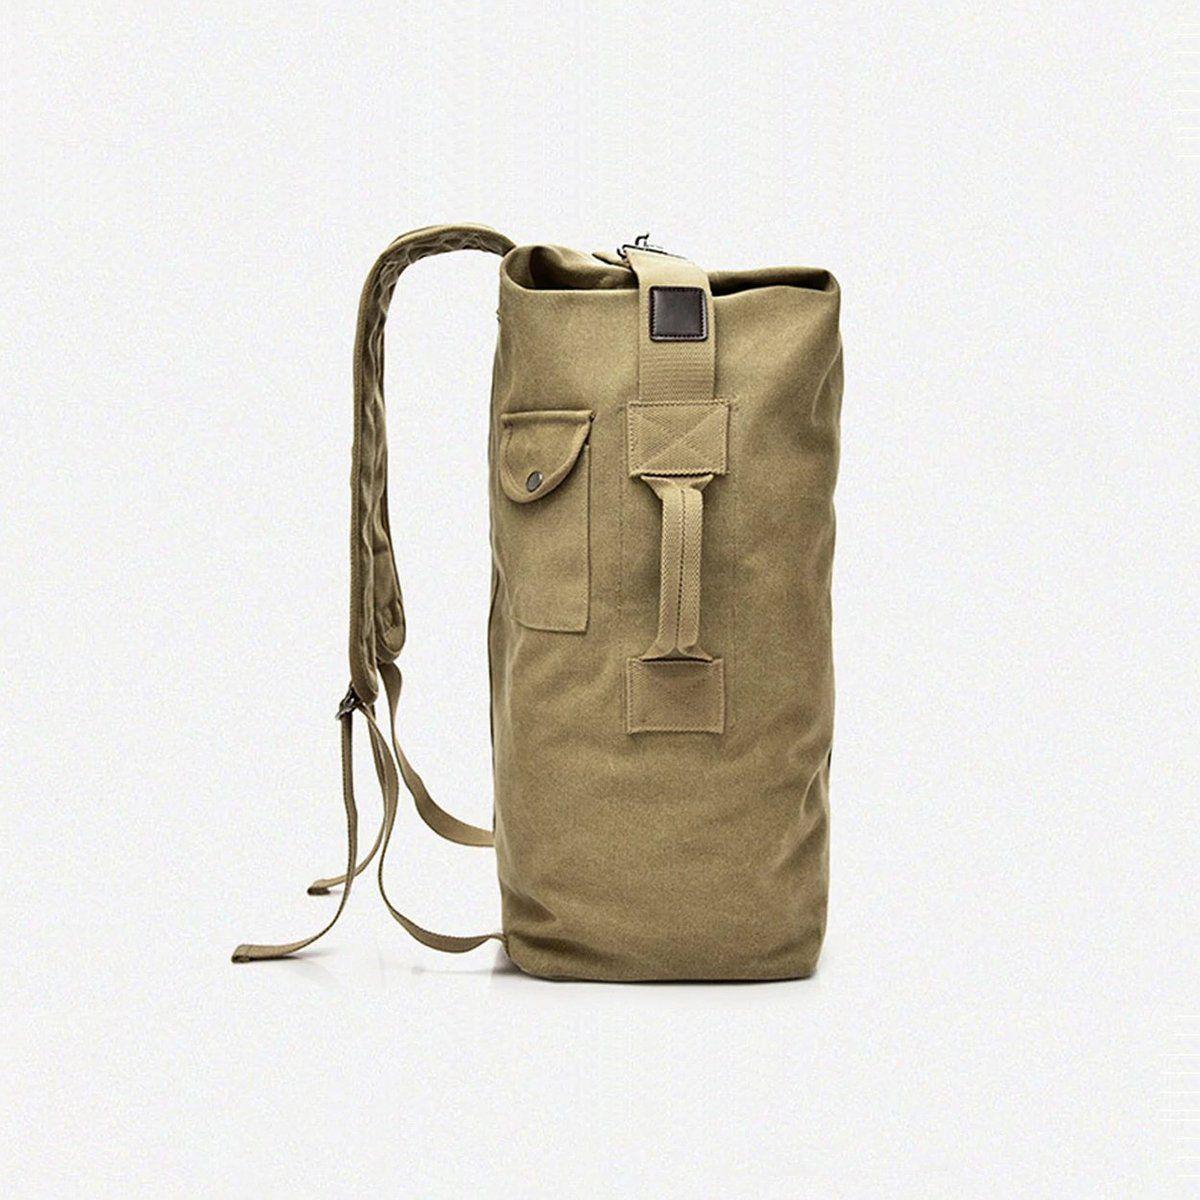 Vintage canvas Leather backpack shoulder bag Duffle Bag travel Luggage bag 55L